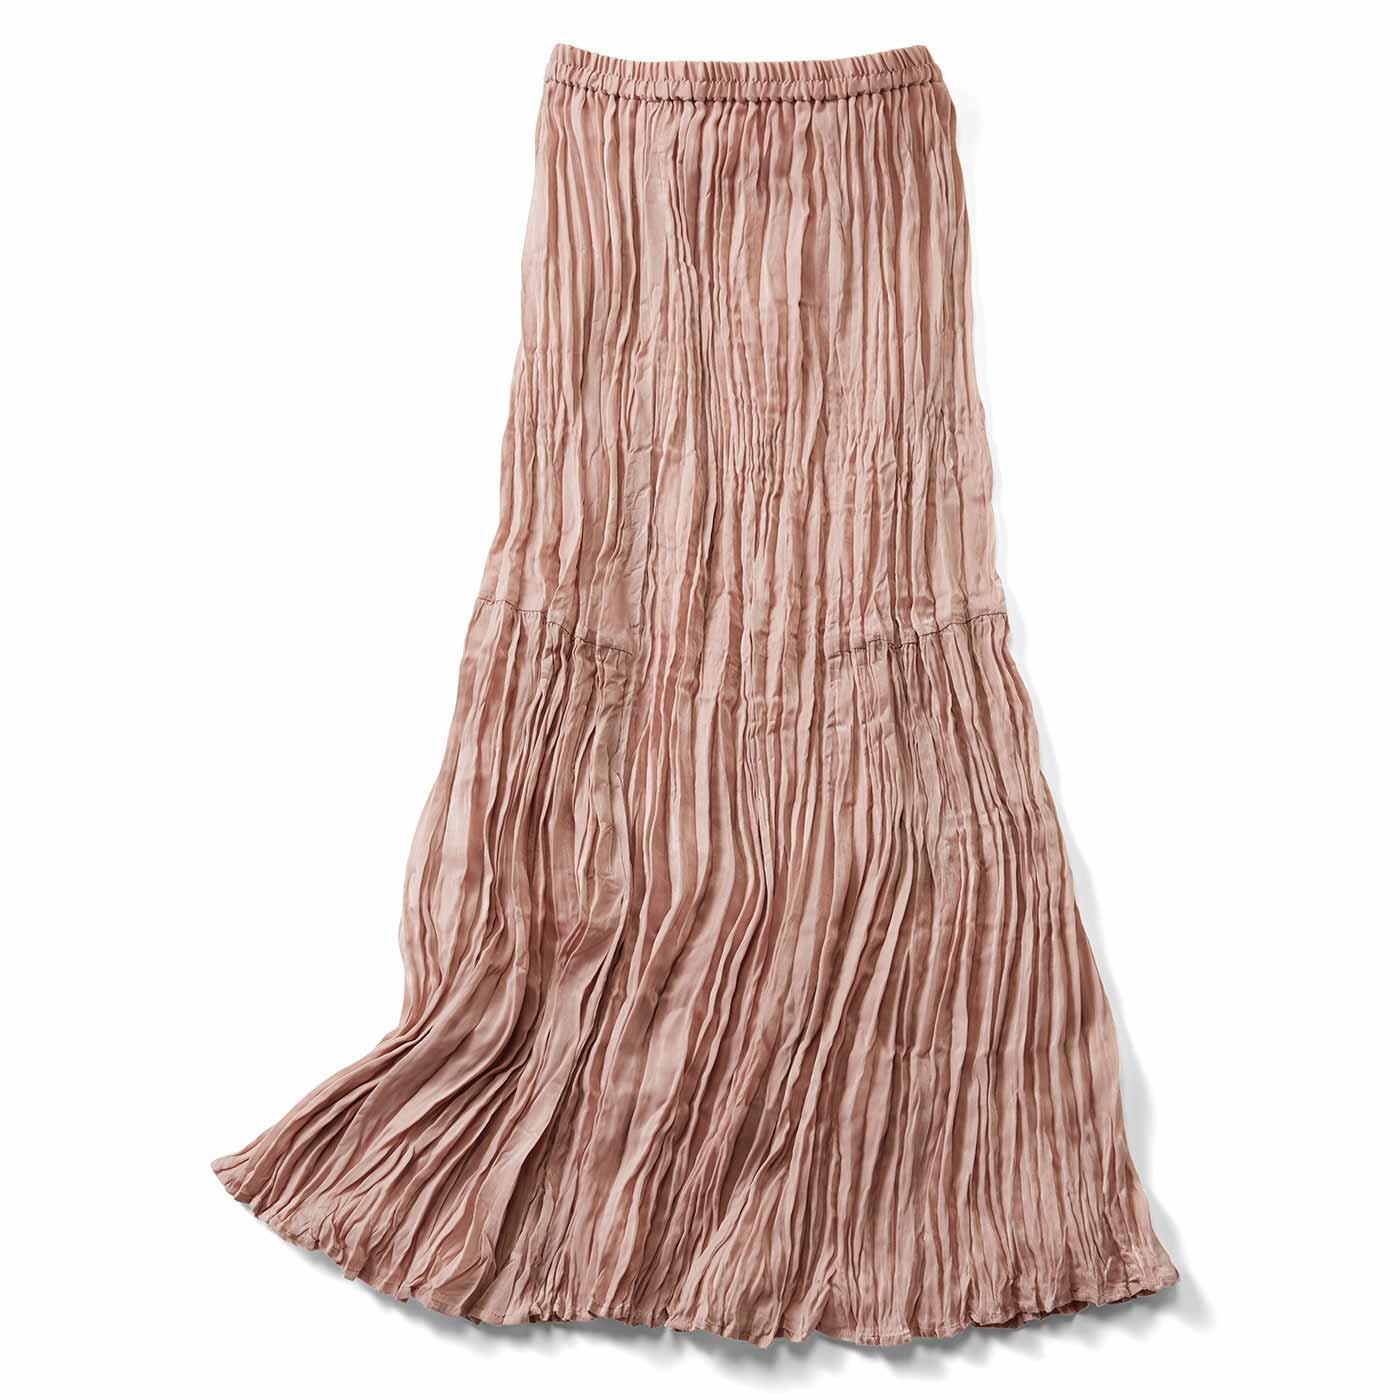 IEDIT[イディット] ワッシャー加工が美しい 切り替えマキシスカート〈スモーキーピンク〉